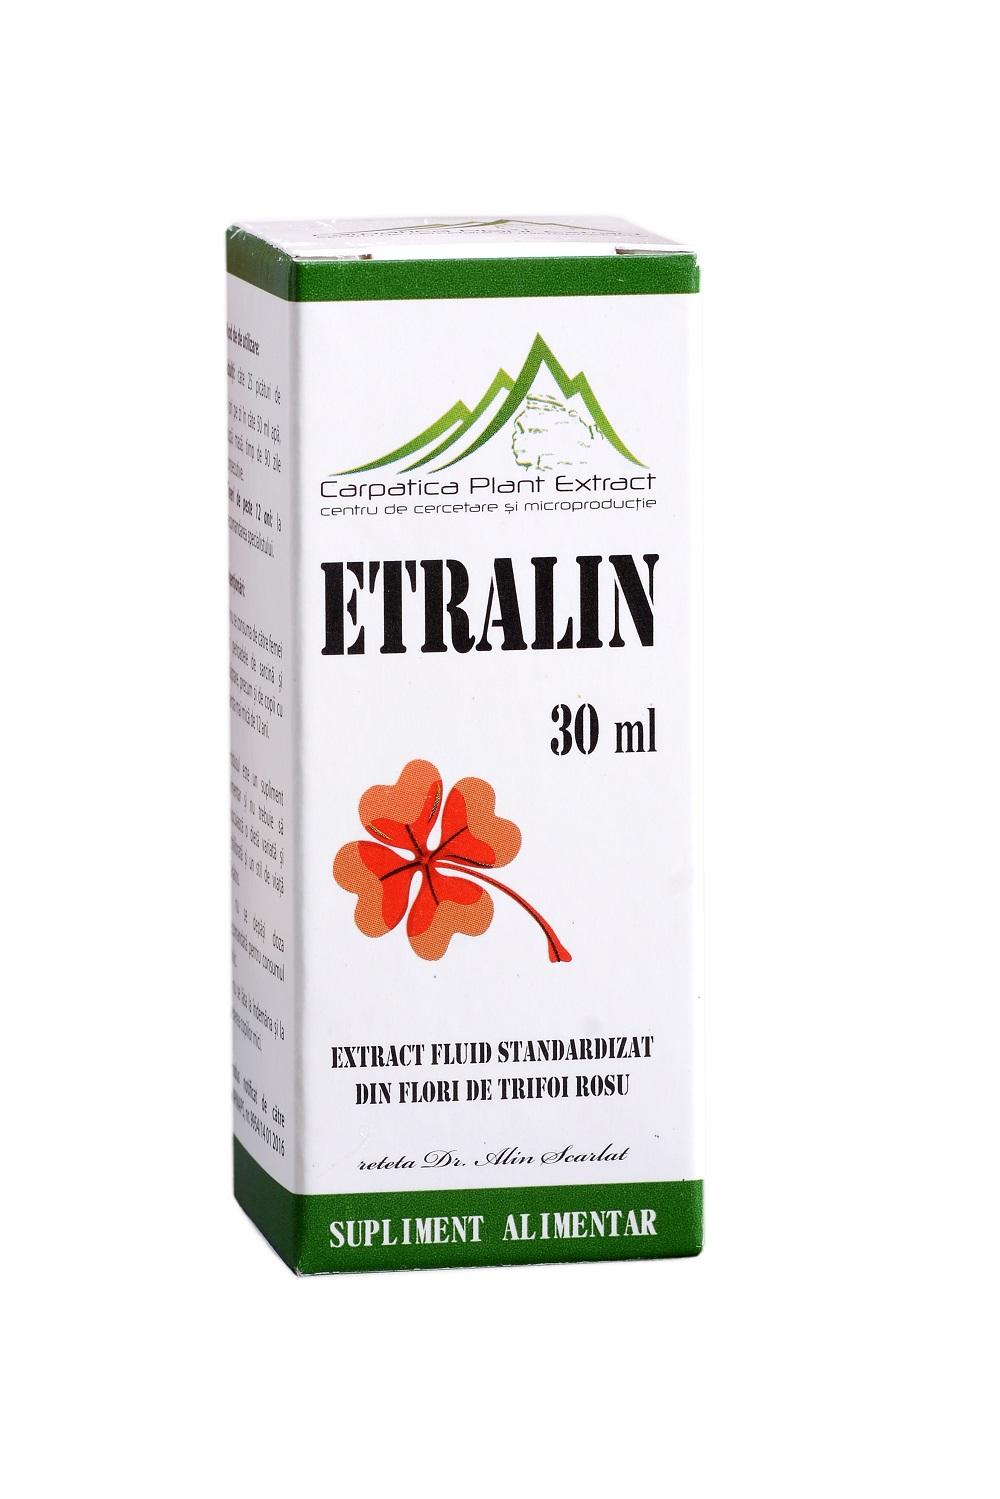 Etralin extract din flori de trifoi rosu, 30 ml, Carpatica Plant Extract imagine produs 2021